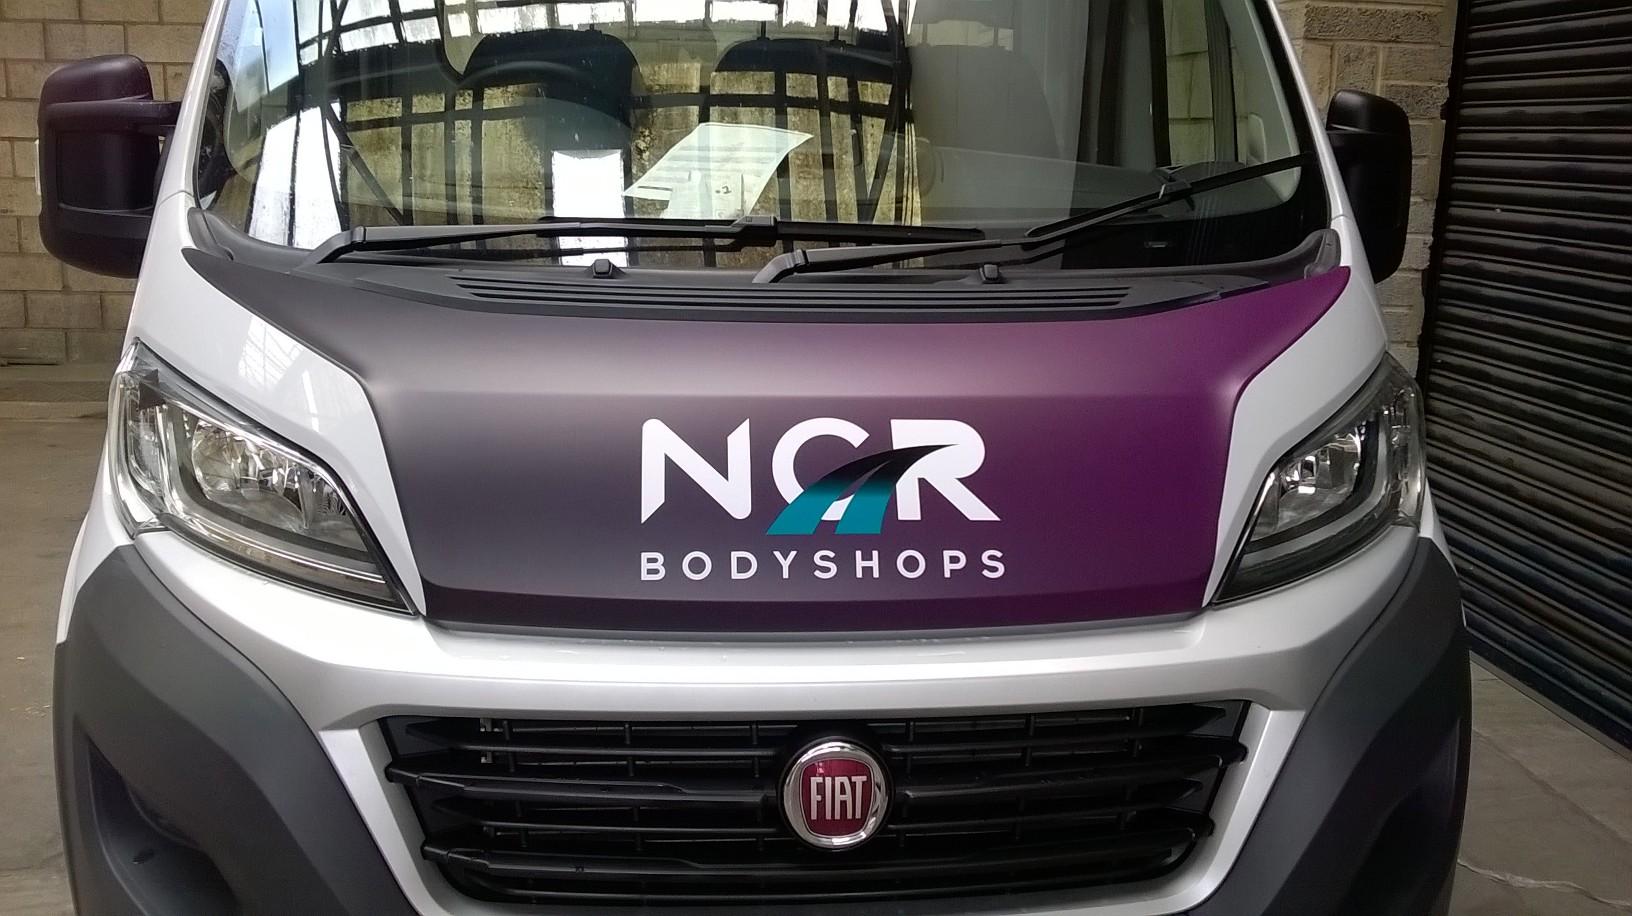 Vehicle Signage for NCR Bodyshops